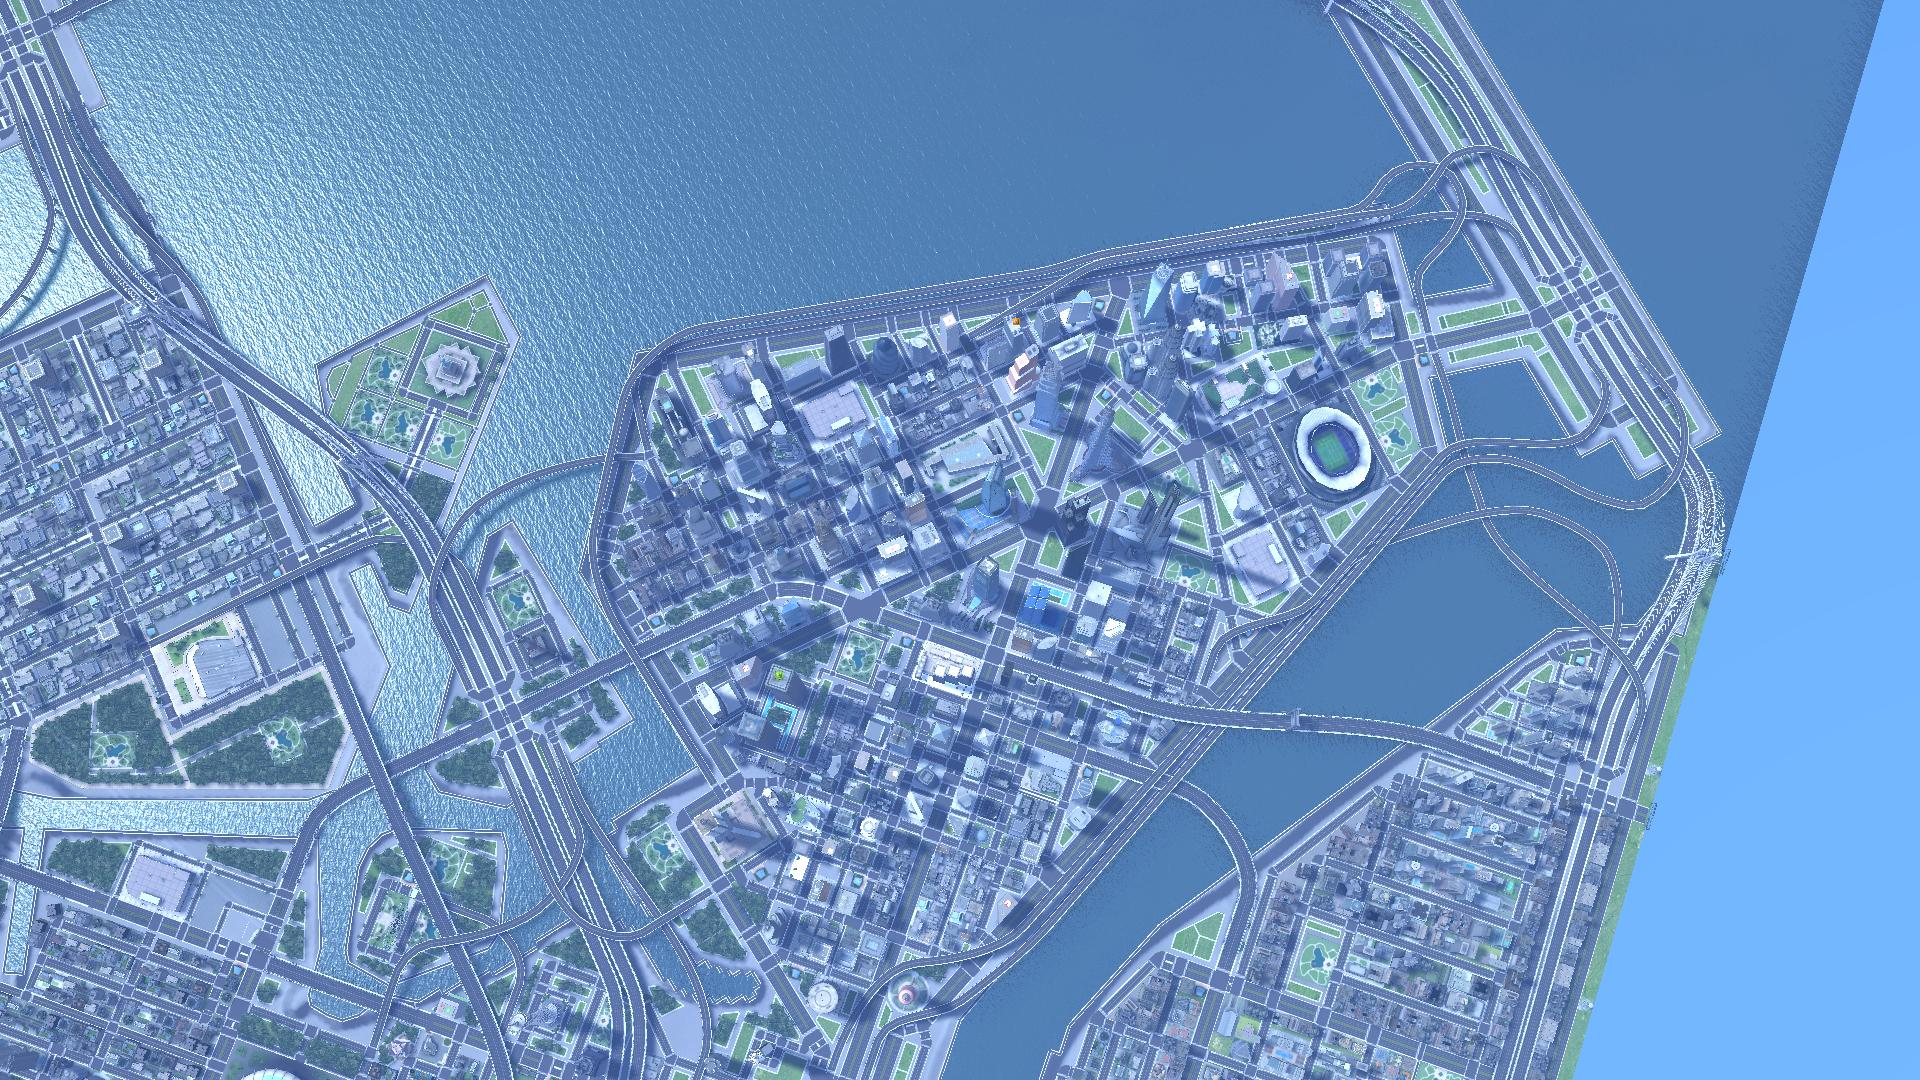 CitiesXL_2012 2014-11-06 16-50-52-74.jpg